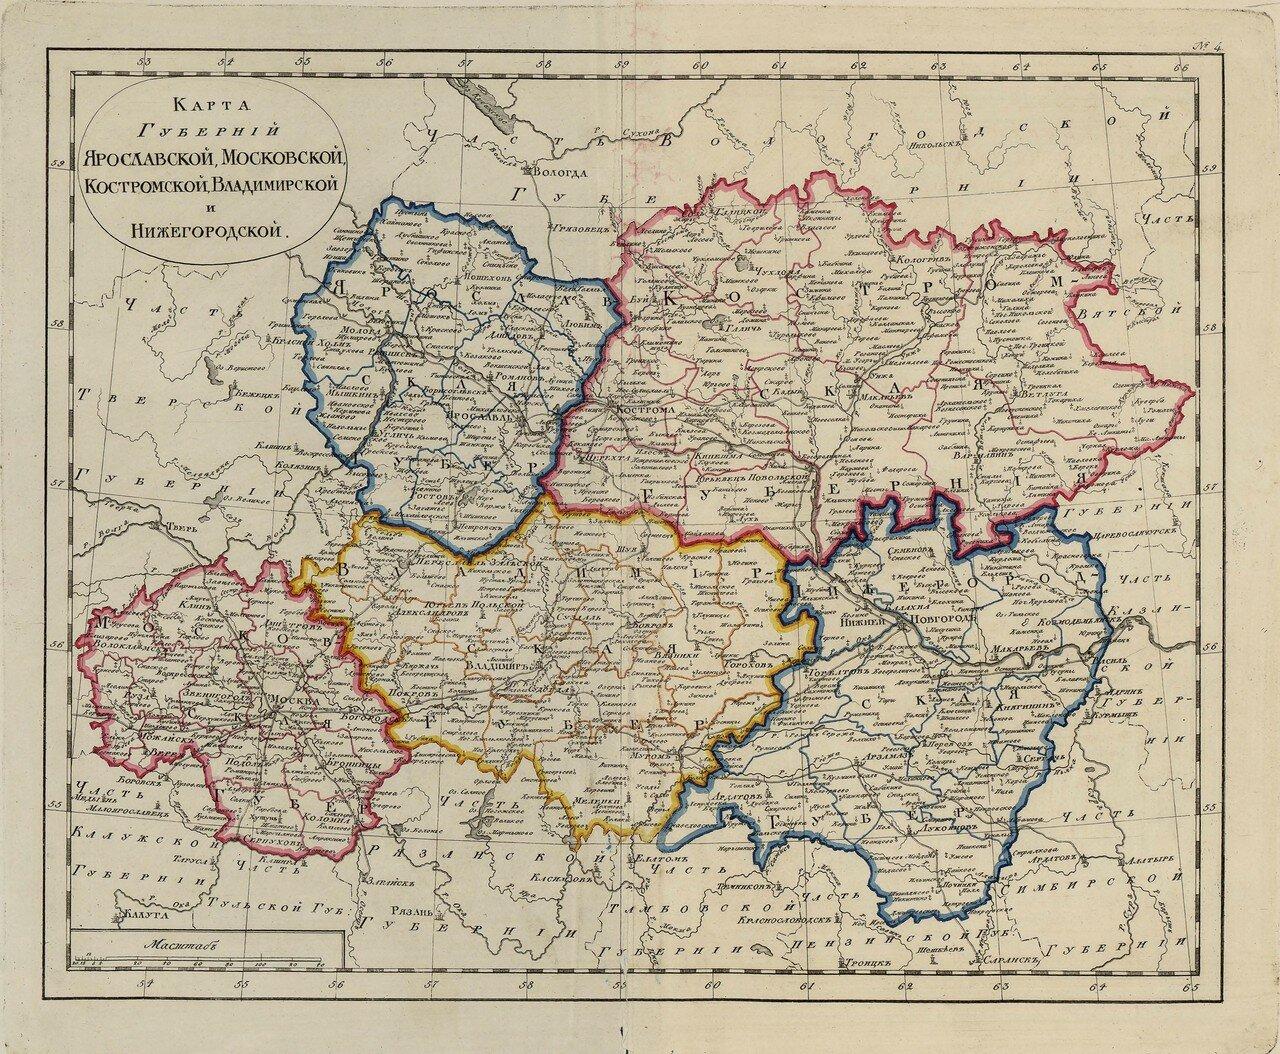 05. Карта губерний Ярославской, Московской, Костромской, Владимирской и Нижегородской